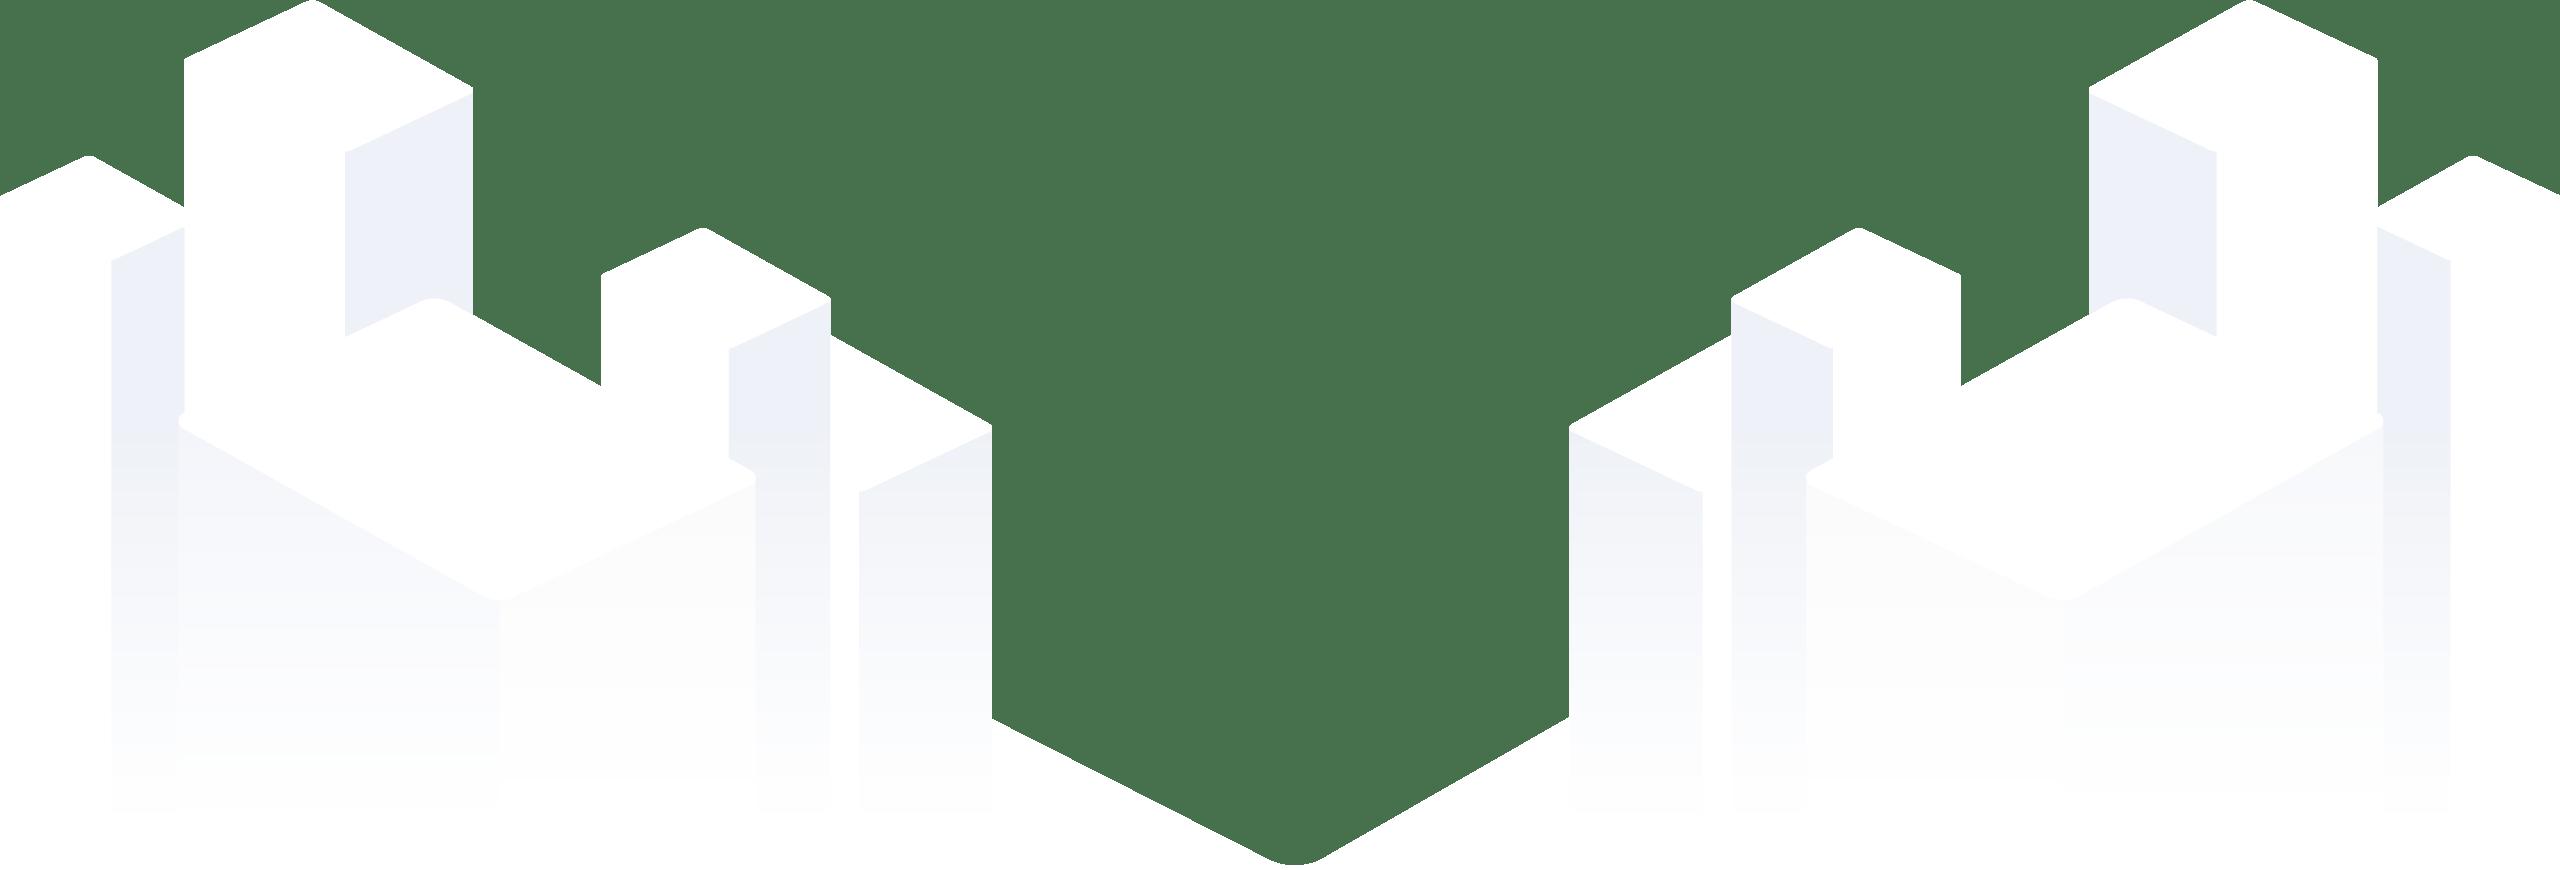 Webseite erstellen, Webdesign Konstanz, Webentwicklung, professionelles Design